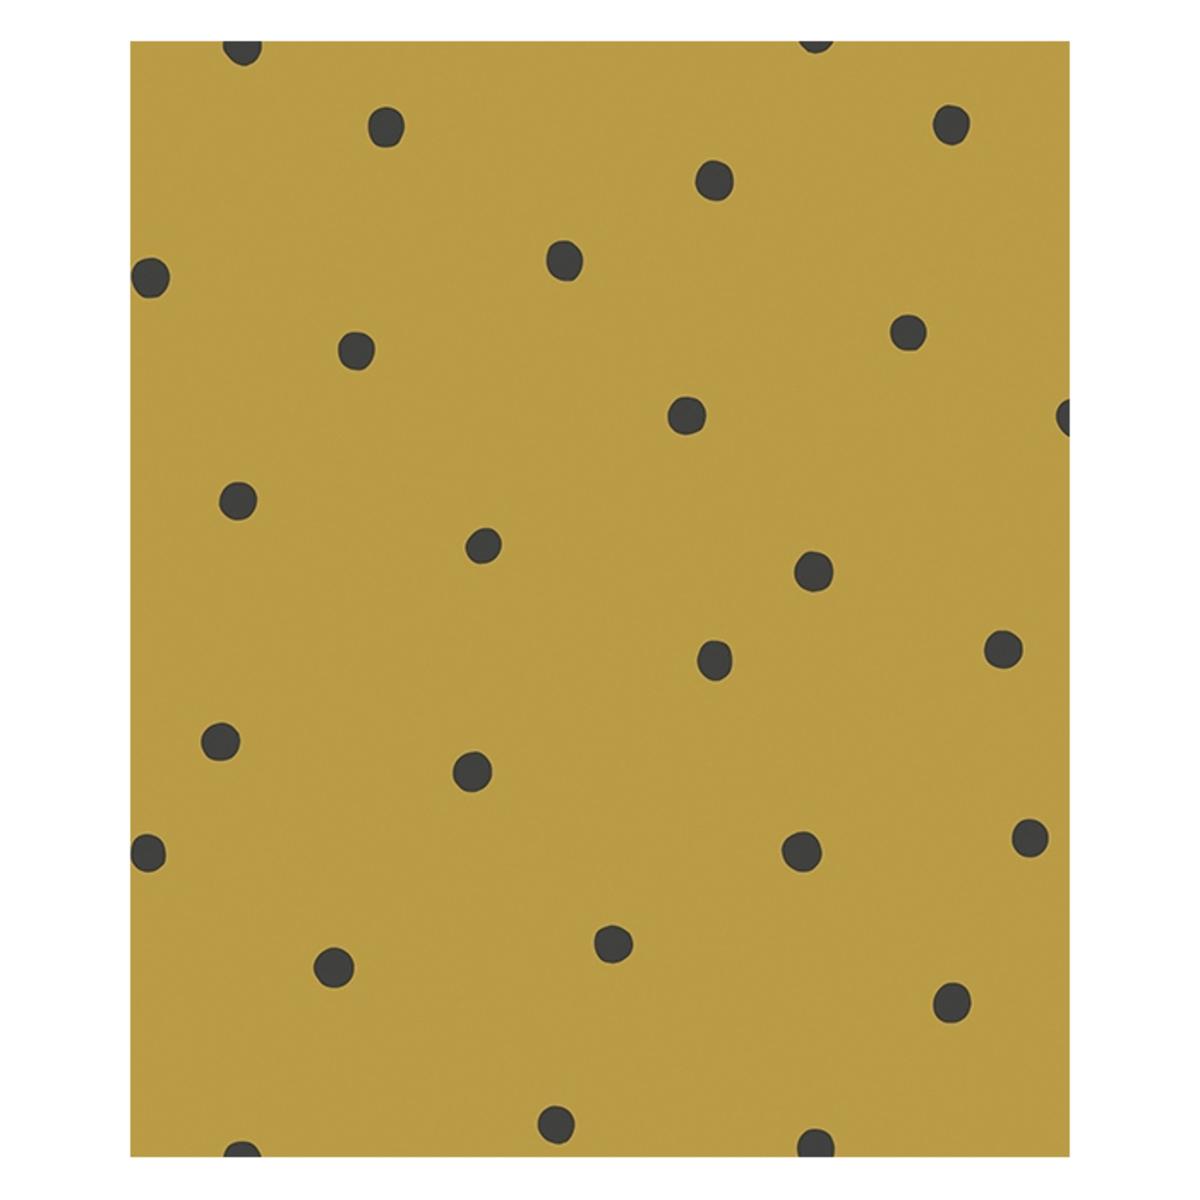 Papier peint Papier Peint Minima - Moutarde et Pois Noirs Papier Peint Minima - Moutarde et Pois Noirs